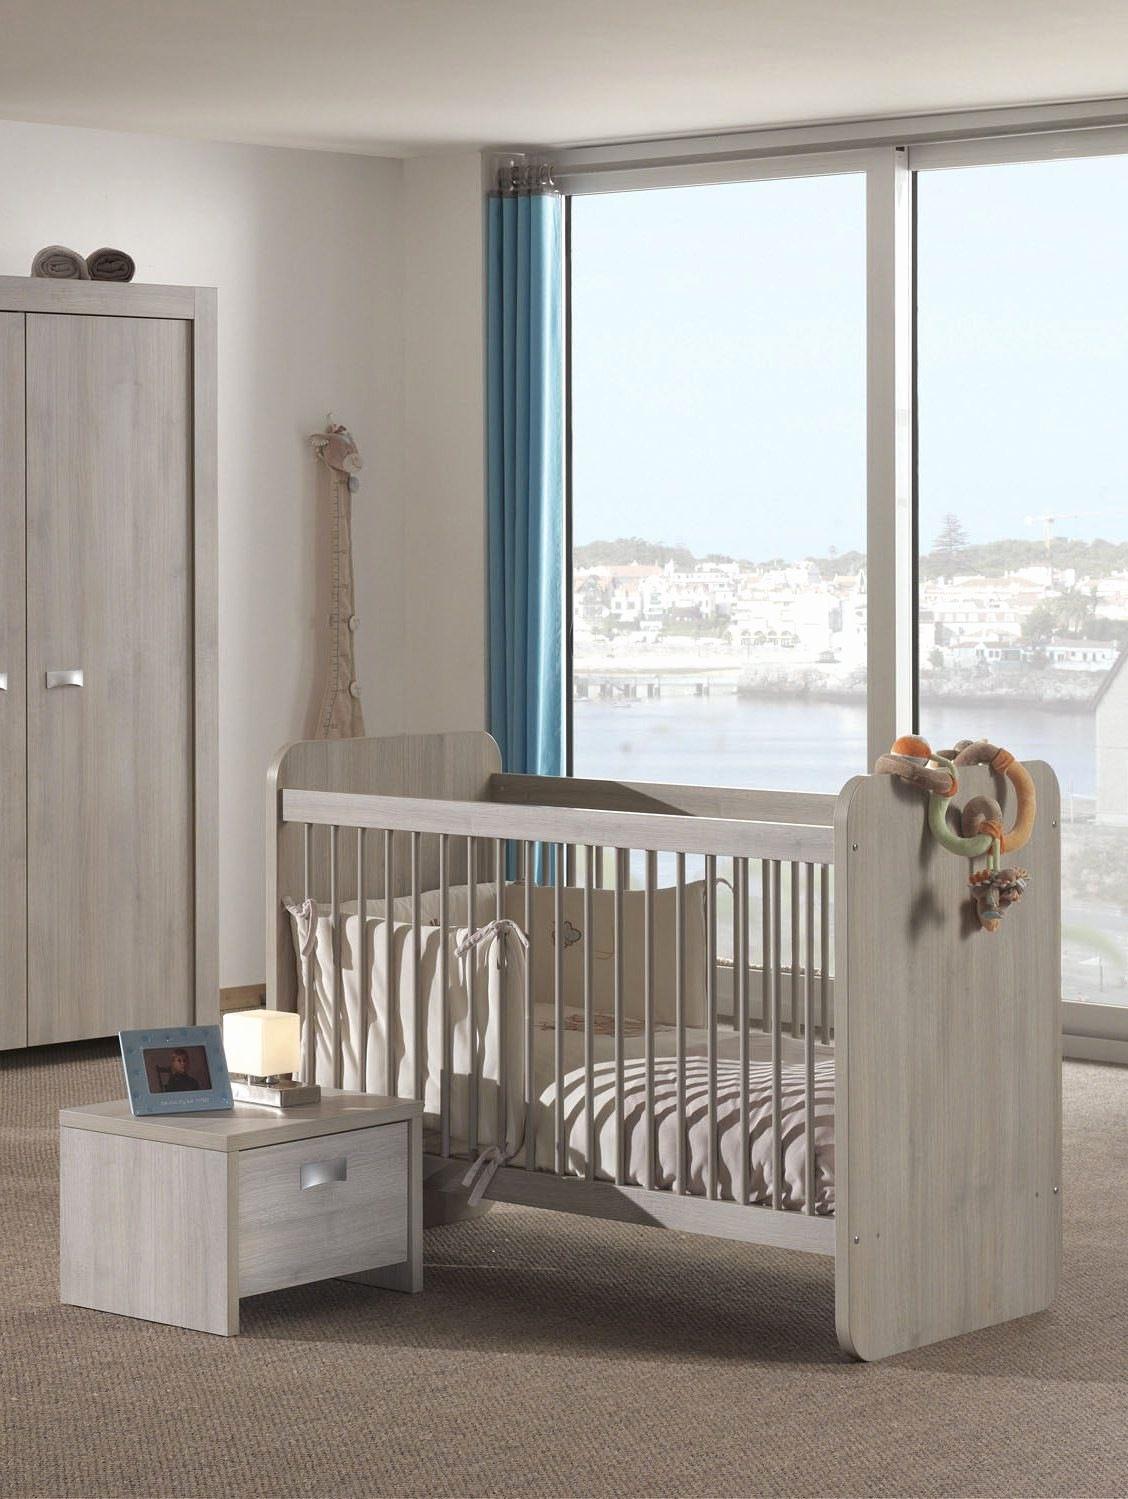 Lit Au sol Bébé Génial Lit Bébé Design Matelas Pour Bébé Conception Impressionnante Parc B